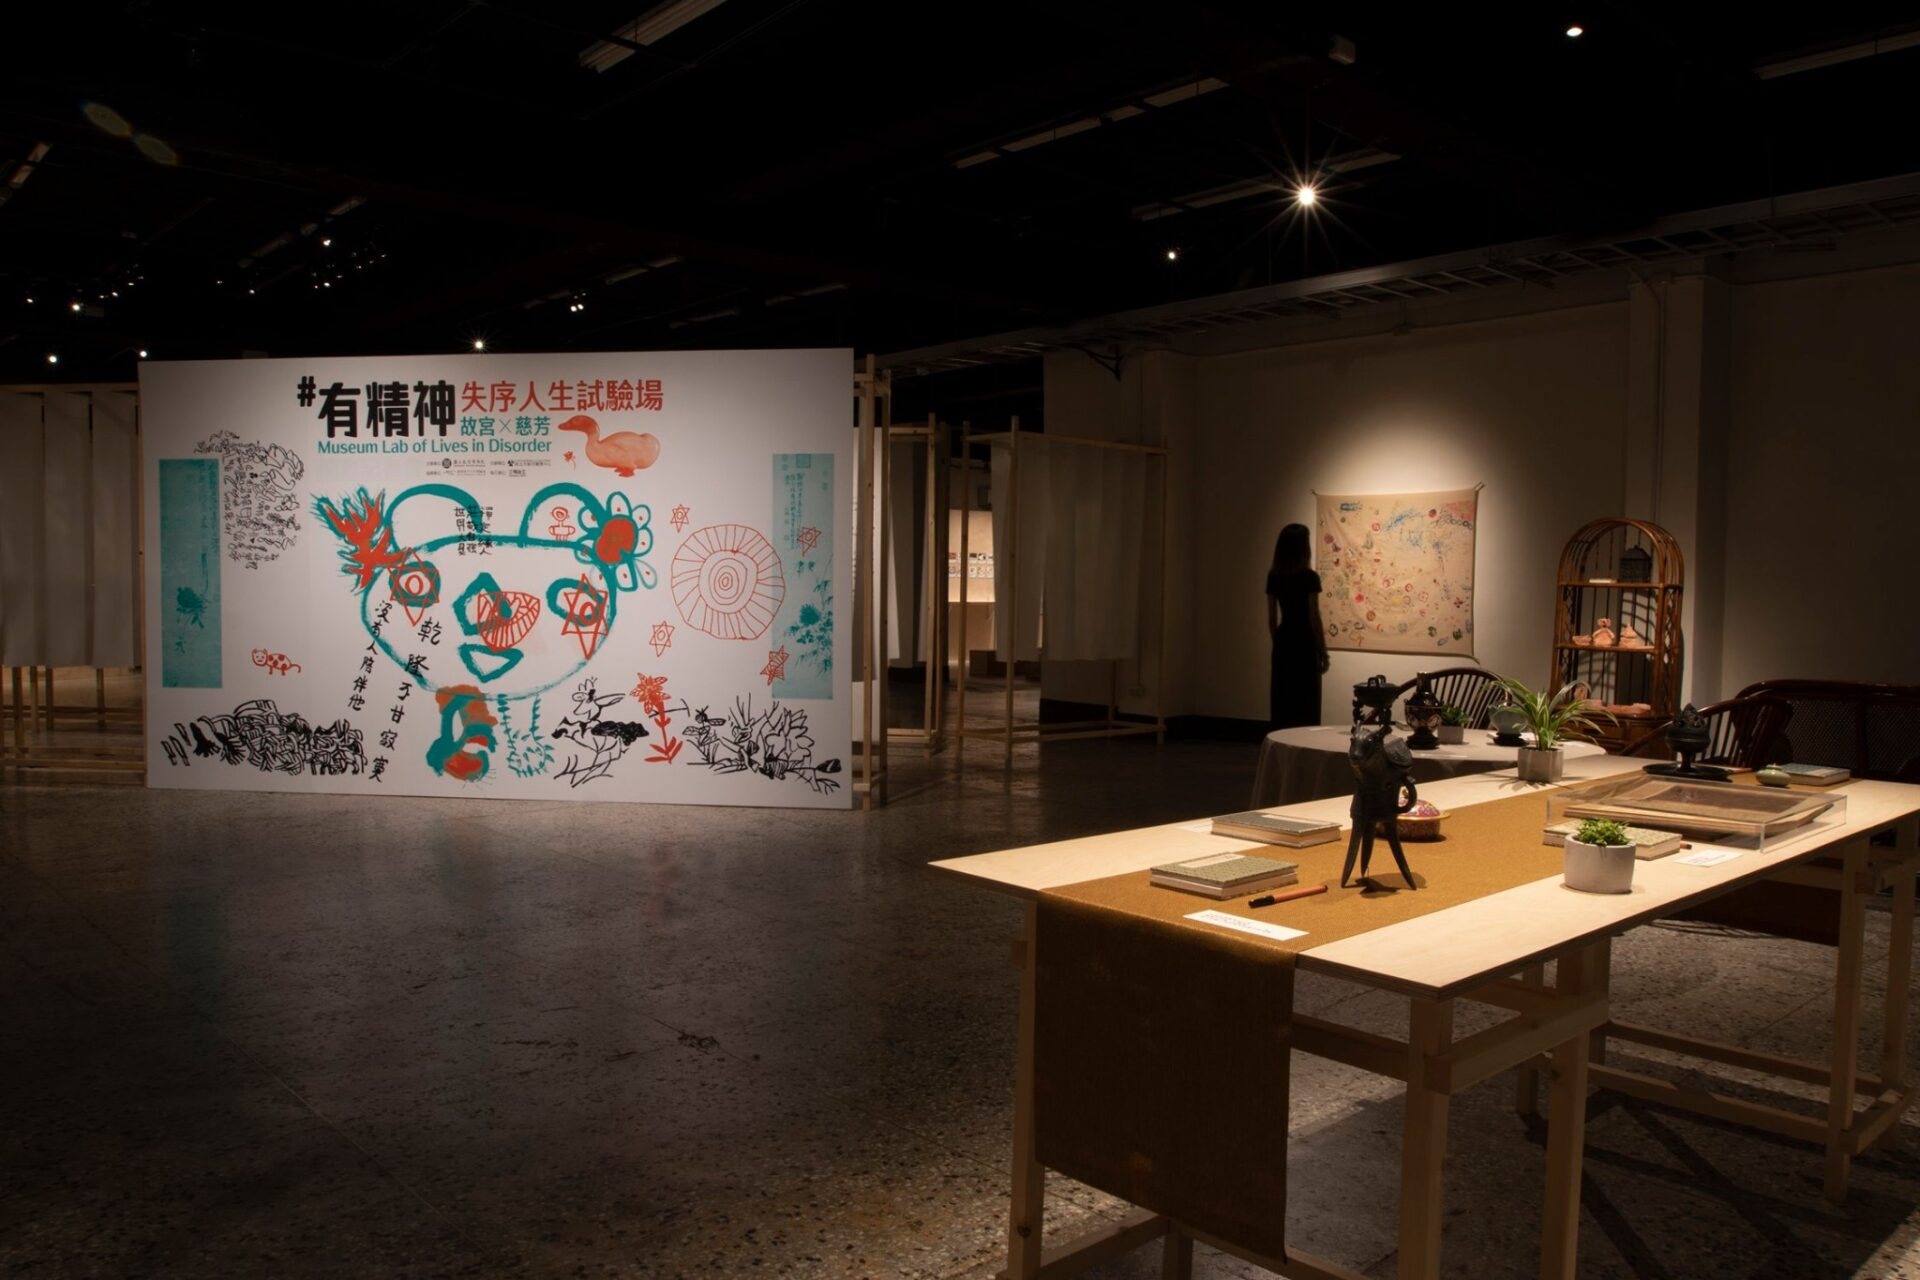 【亞太博物館連線專欄】博物館如何發揮療癒力?故宮藝術關懷行動拉近與精神康復者的距離